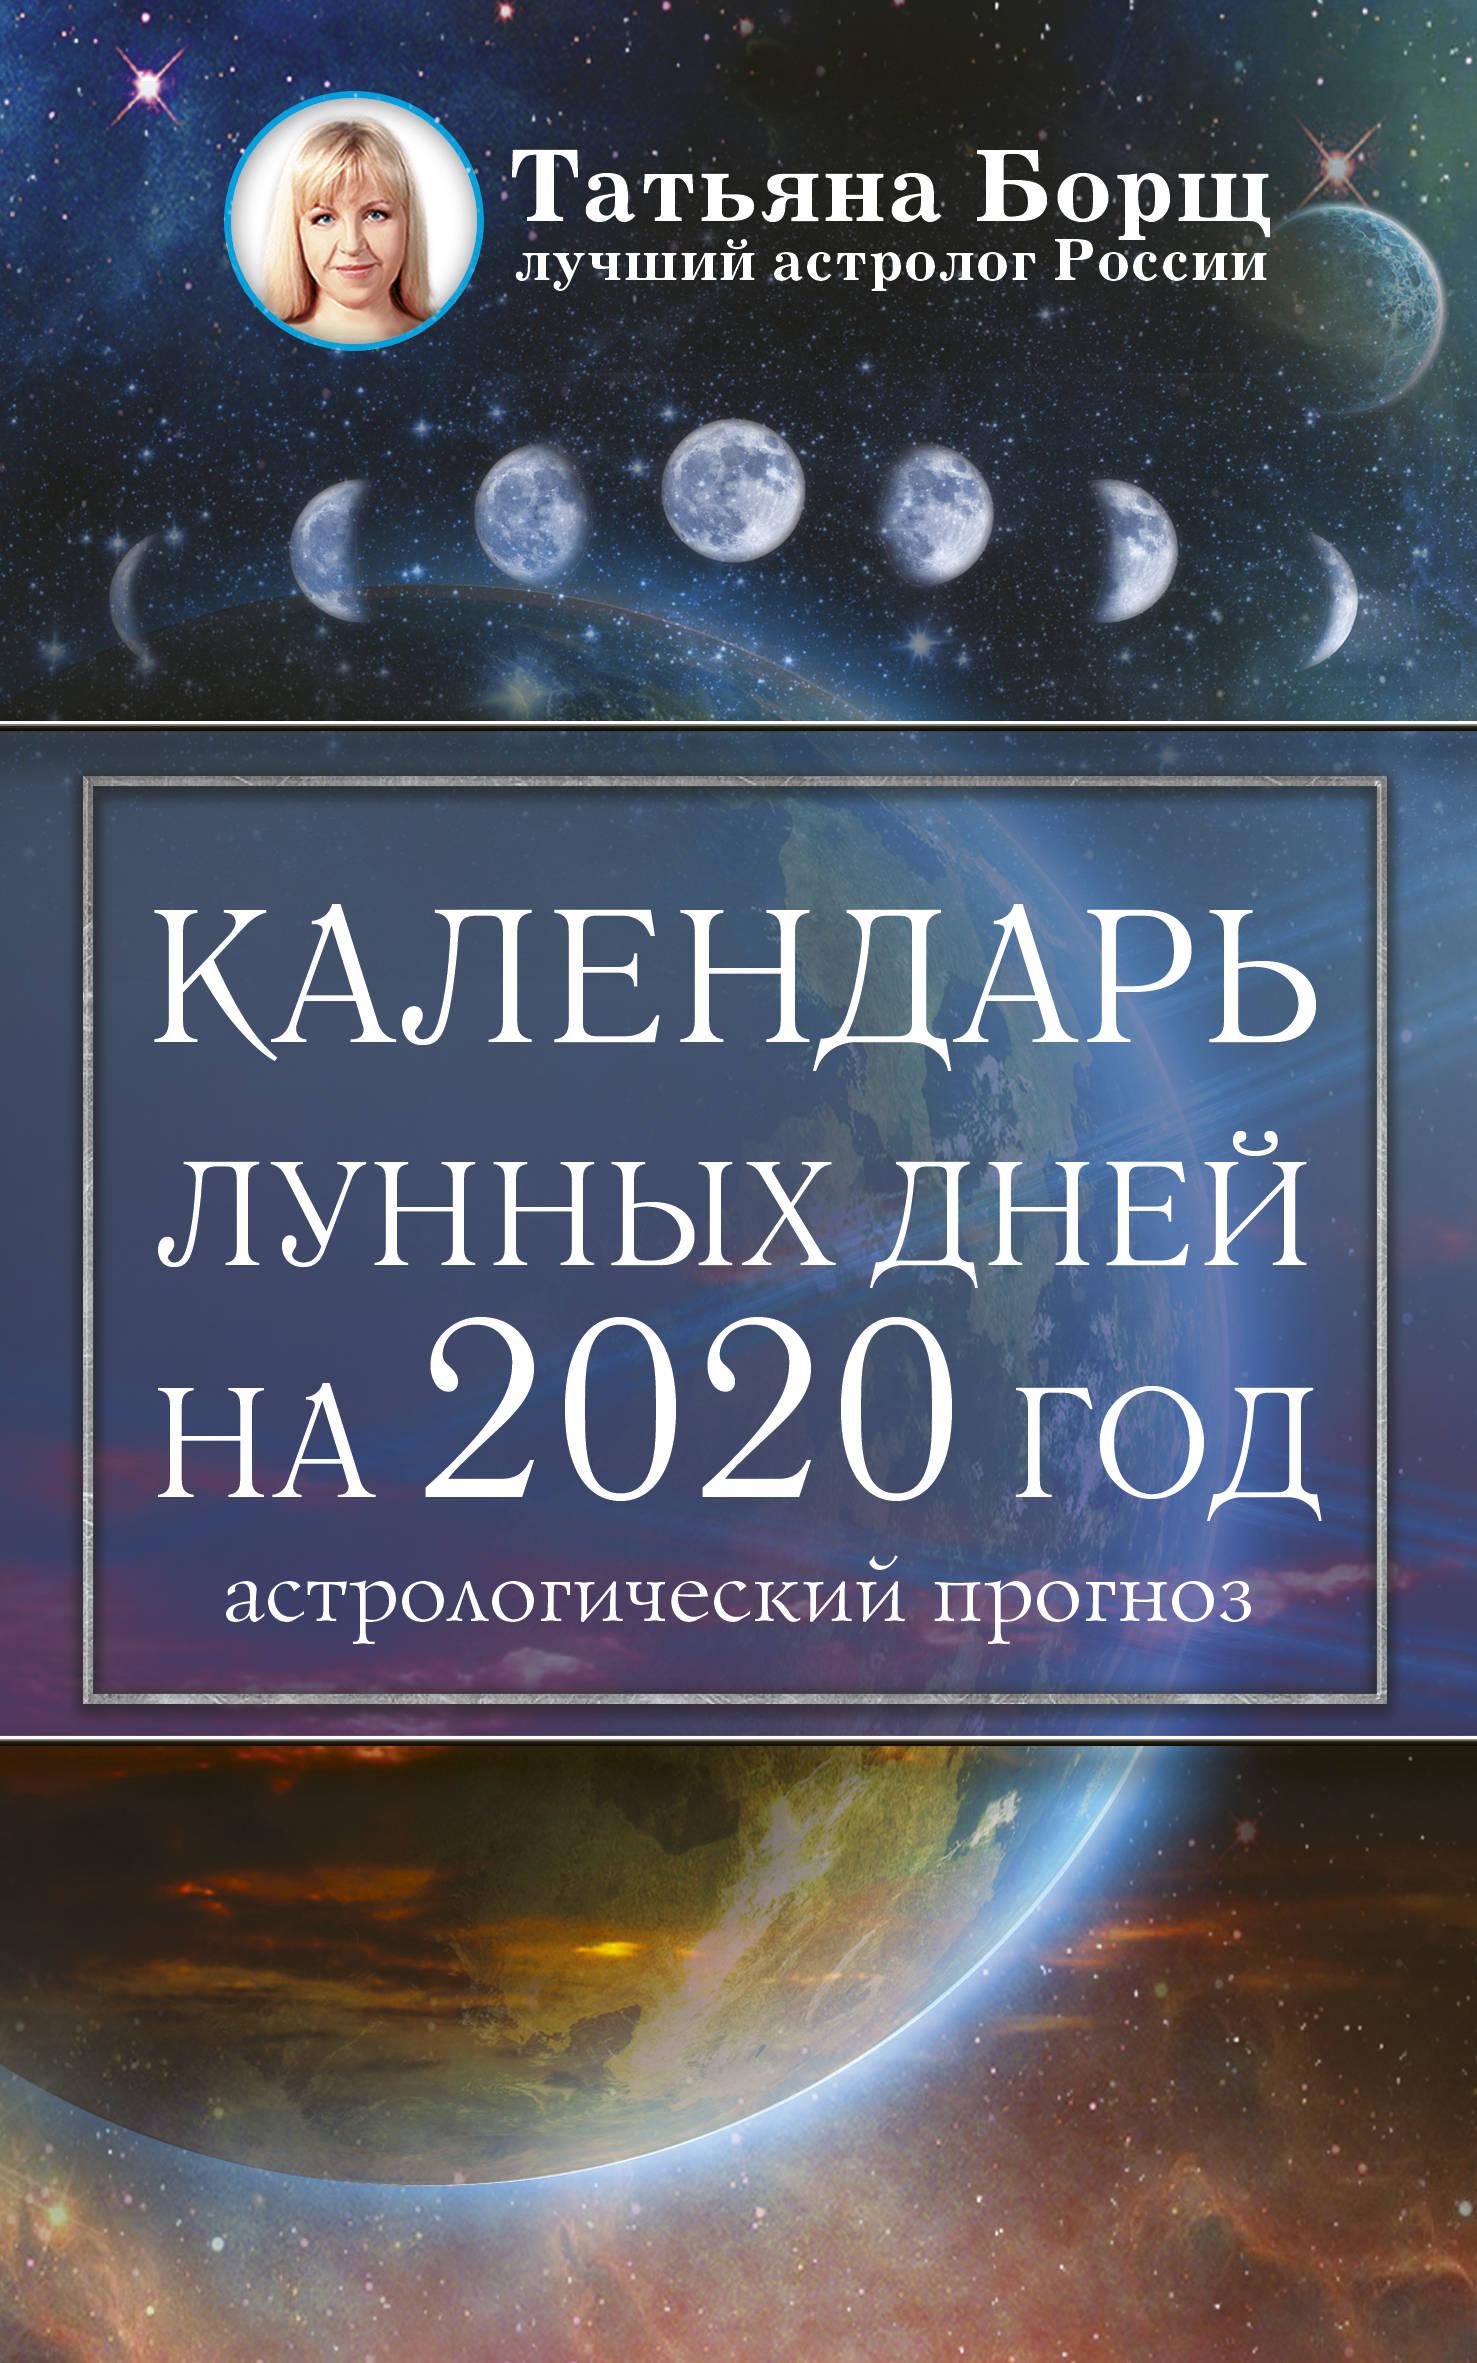 Kalendar lunnykh dnej na 2020 god: astrologicheskij prognoz